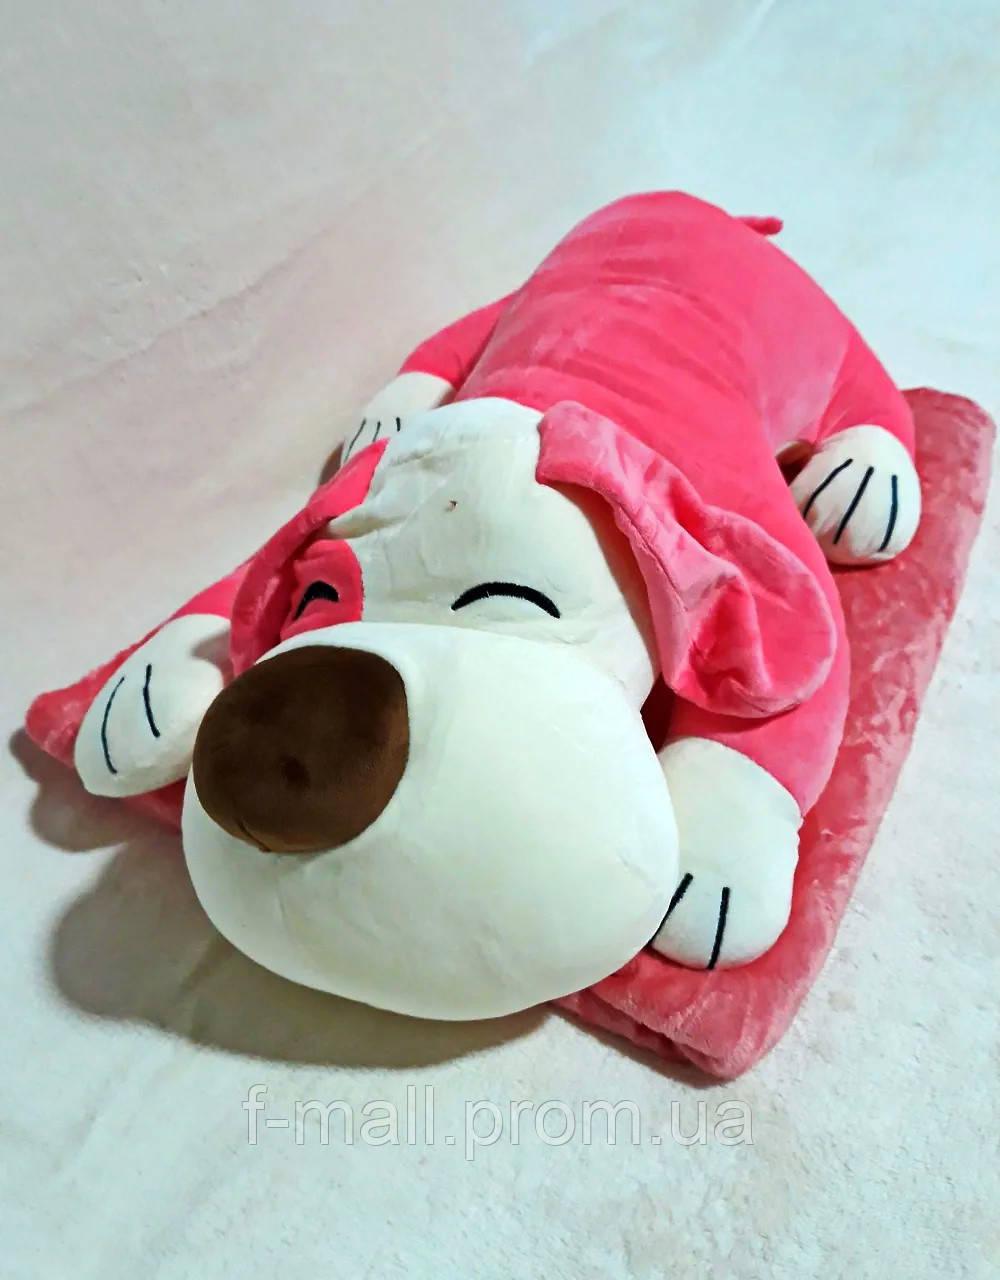 Плед м'яка іграшка 3 в 1 Собака рожева (18)